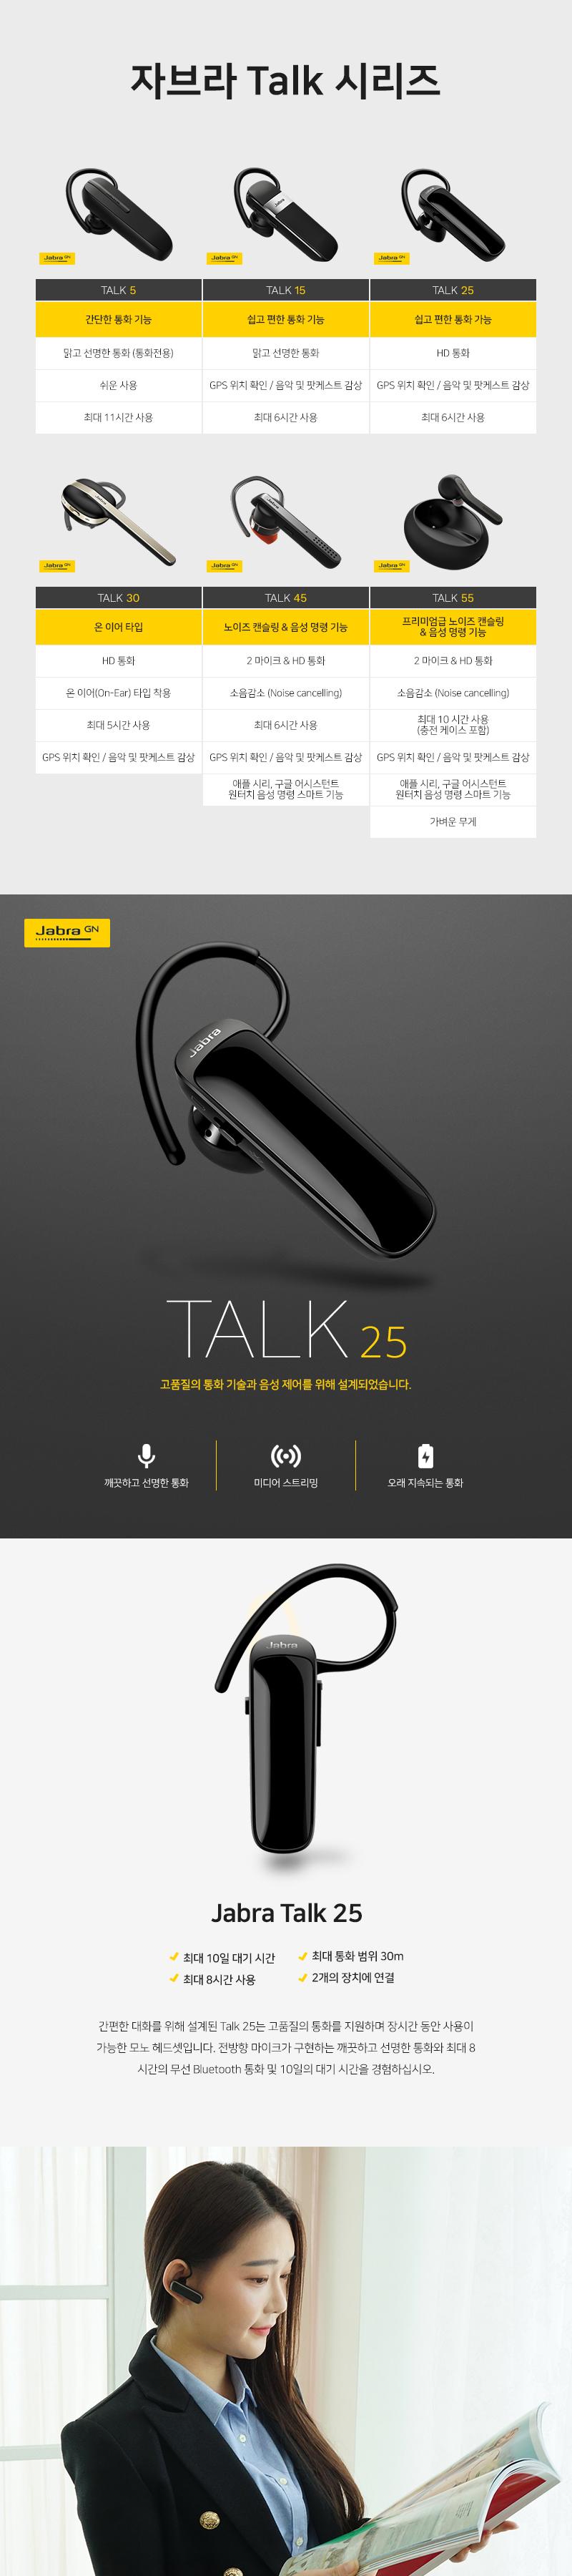 Talk-25_01.jpg